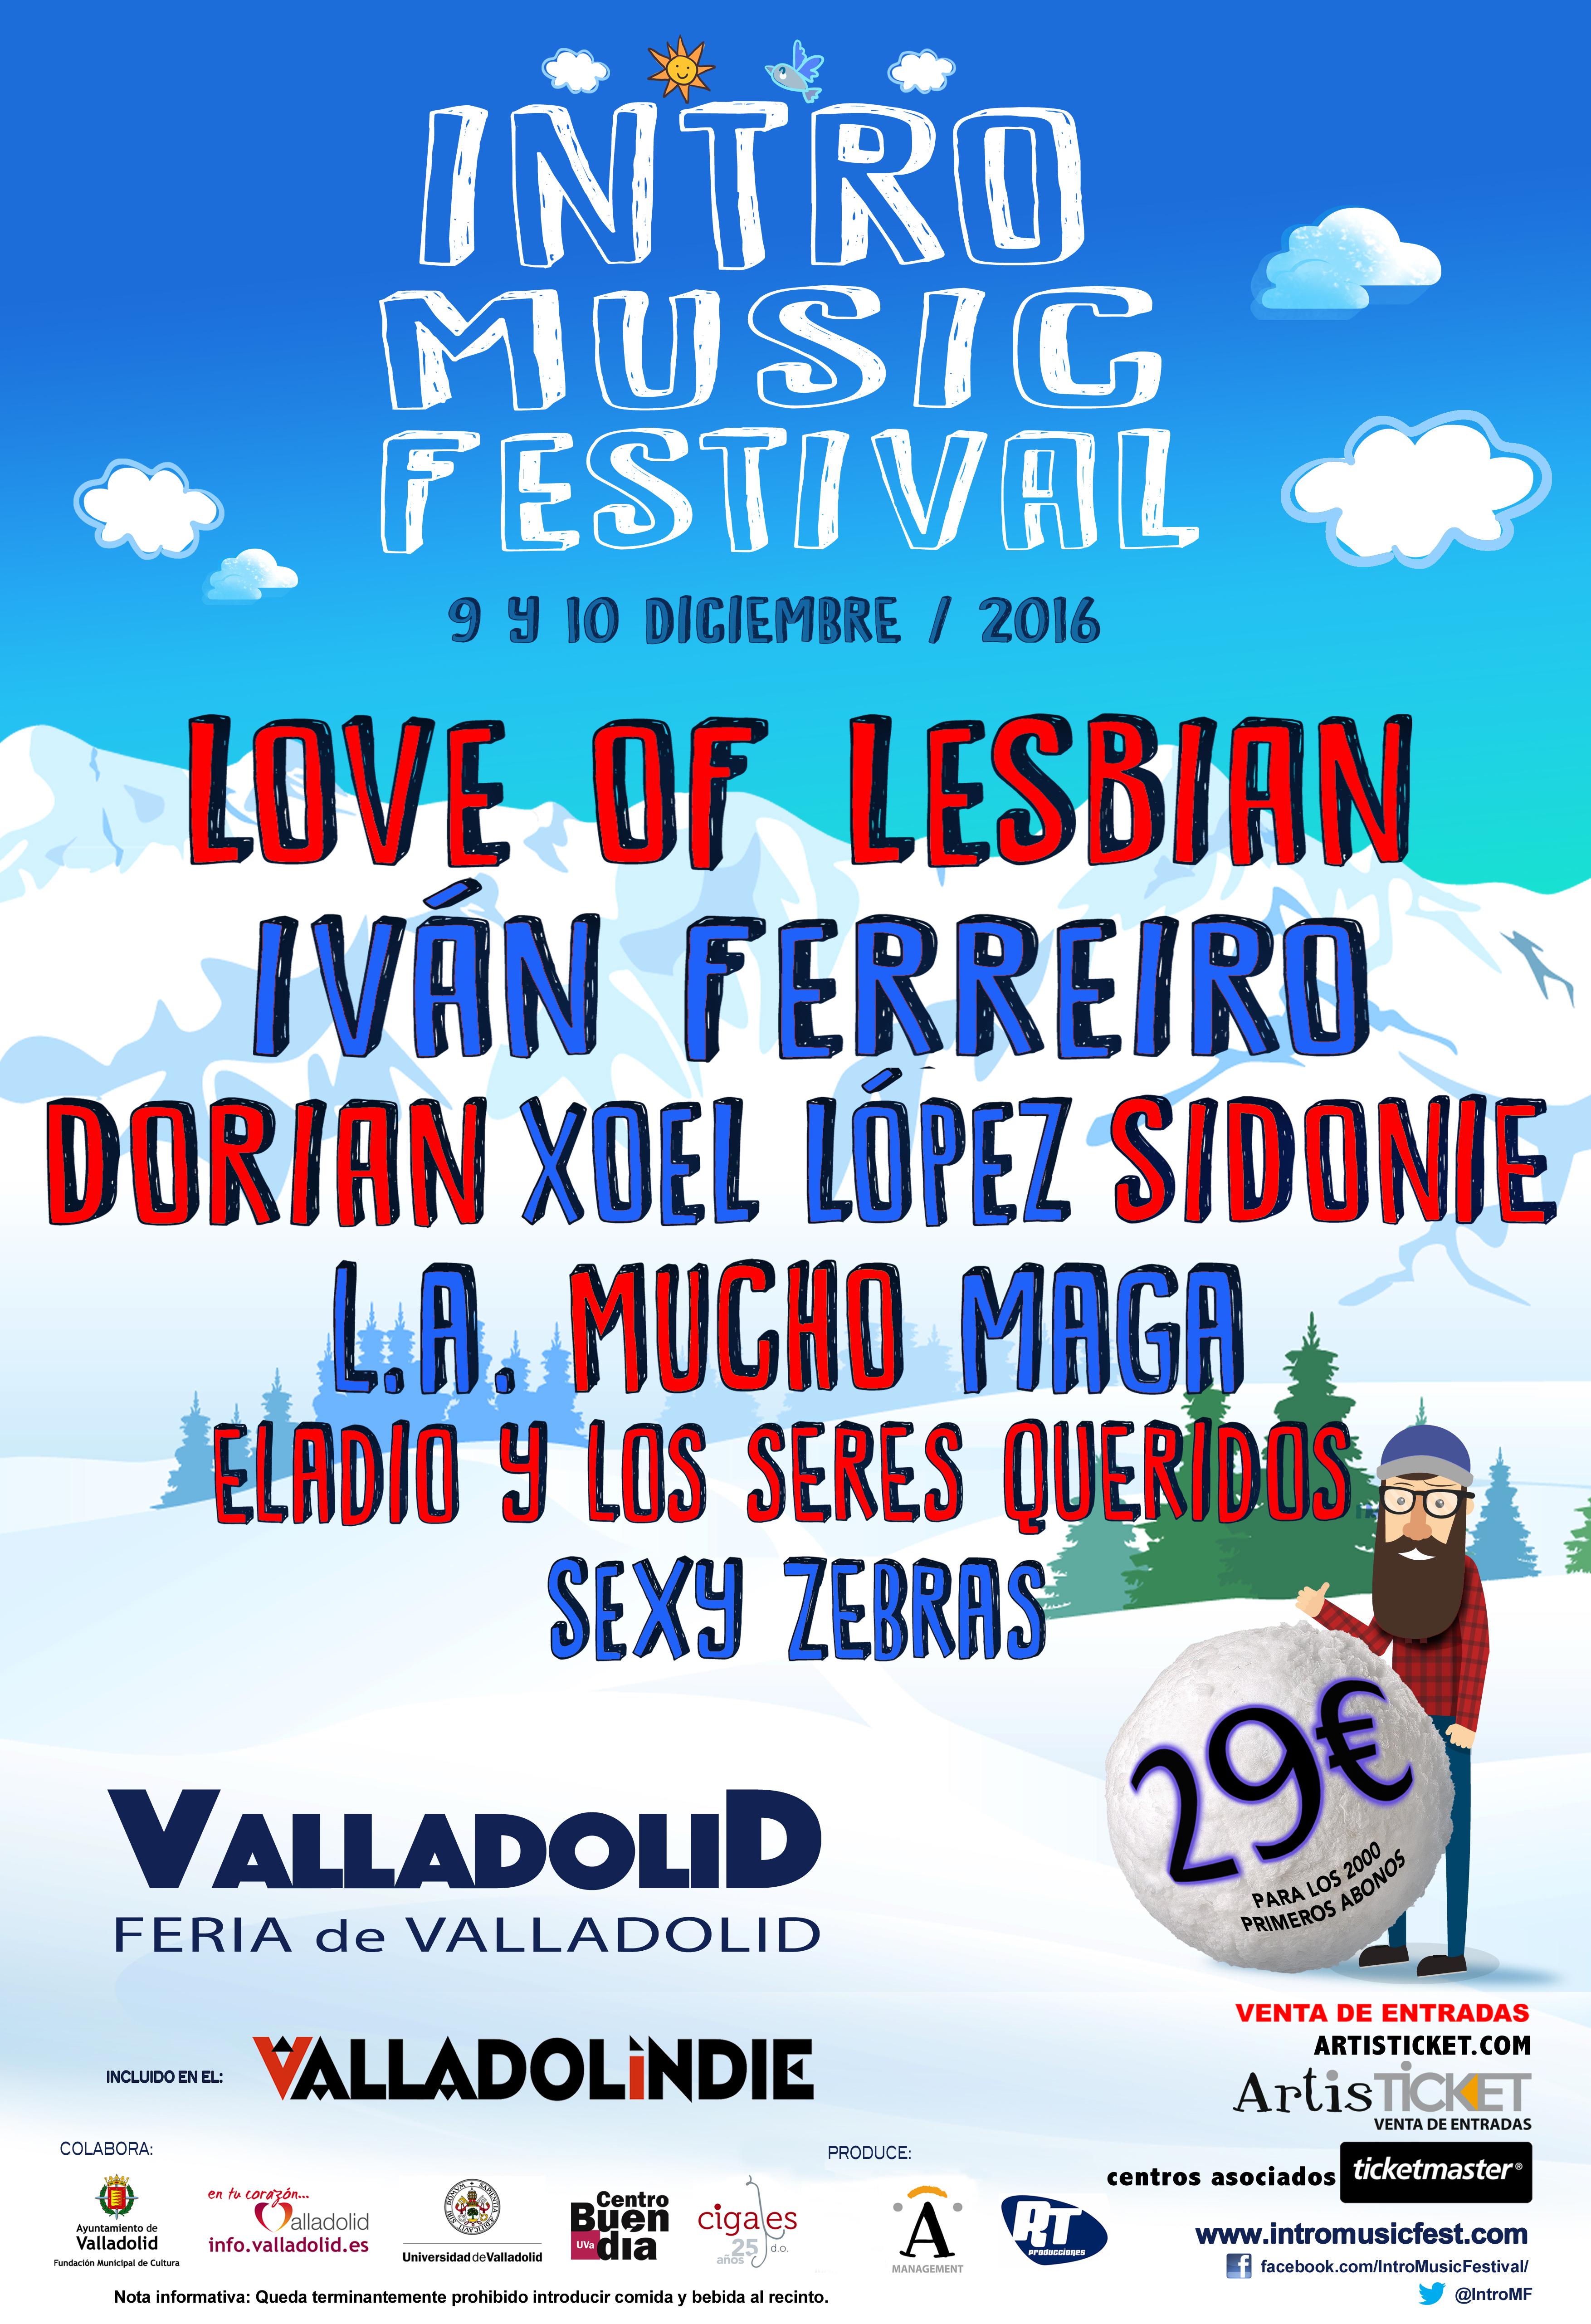 CIGALES CON VALLADOLINDIE-EL FESTIVAL MÁS LARGO DEL MUNDO e INTRO MUSIC FESTIVAL